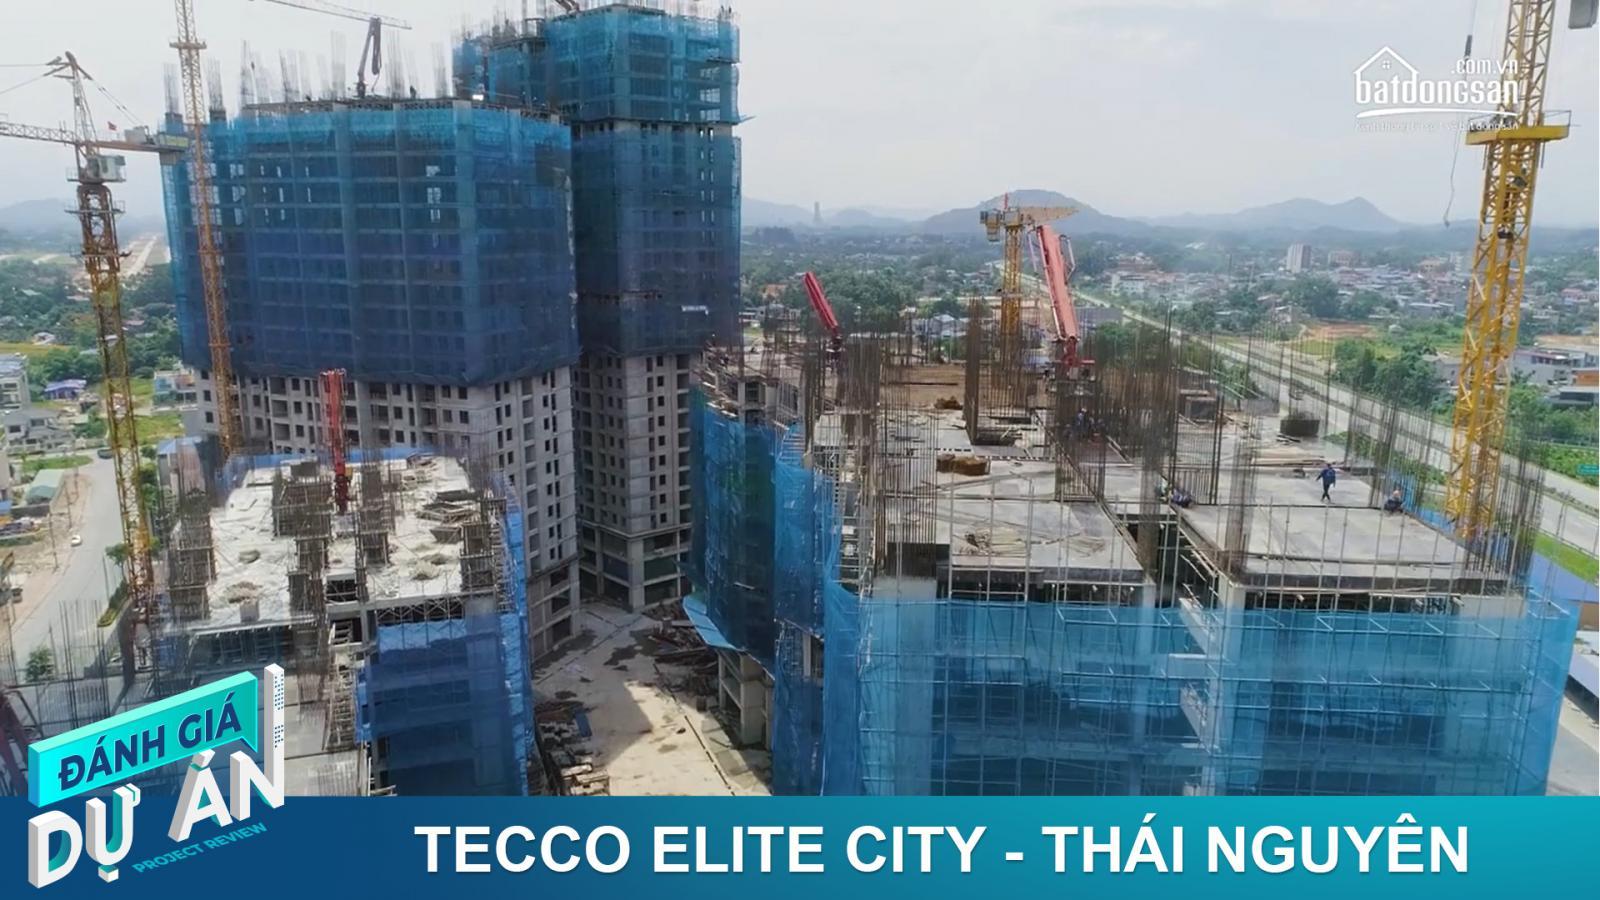 Tính đến giữa tháng 6/2020, trong số 6 tòa tháp đã có 3 tòa B, D, E đang được xây trên 15 tầng